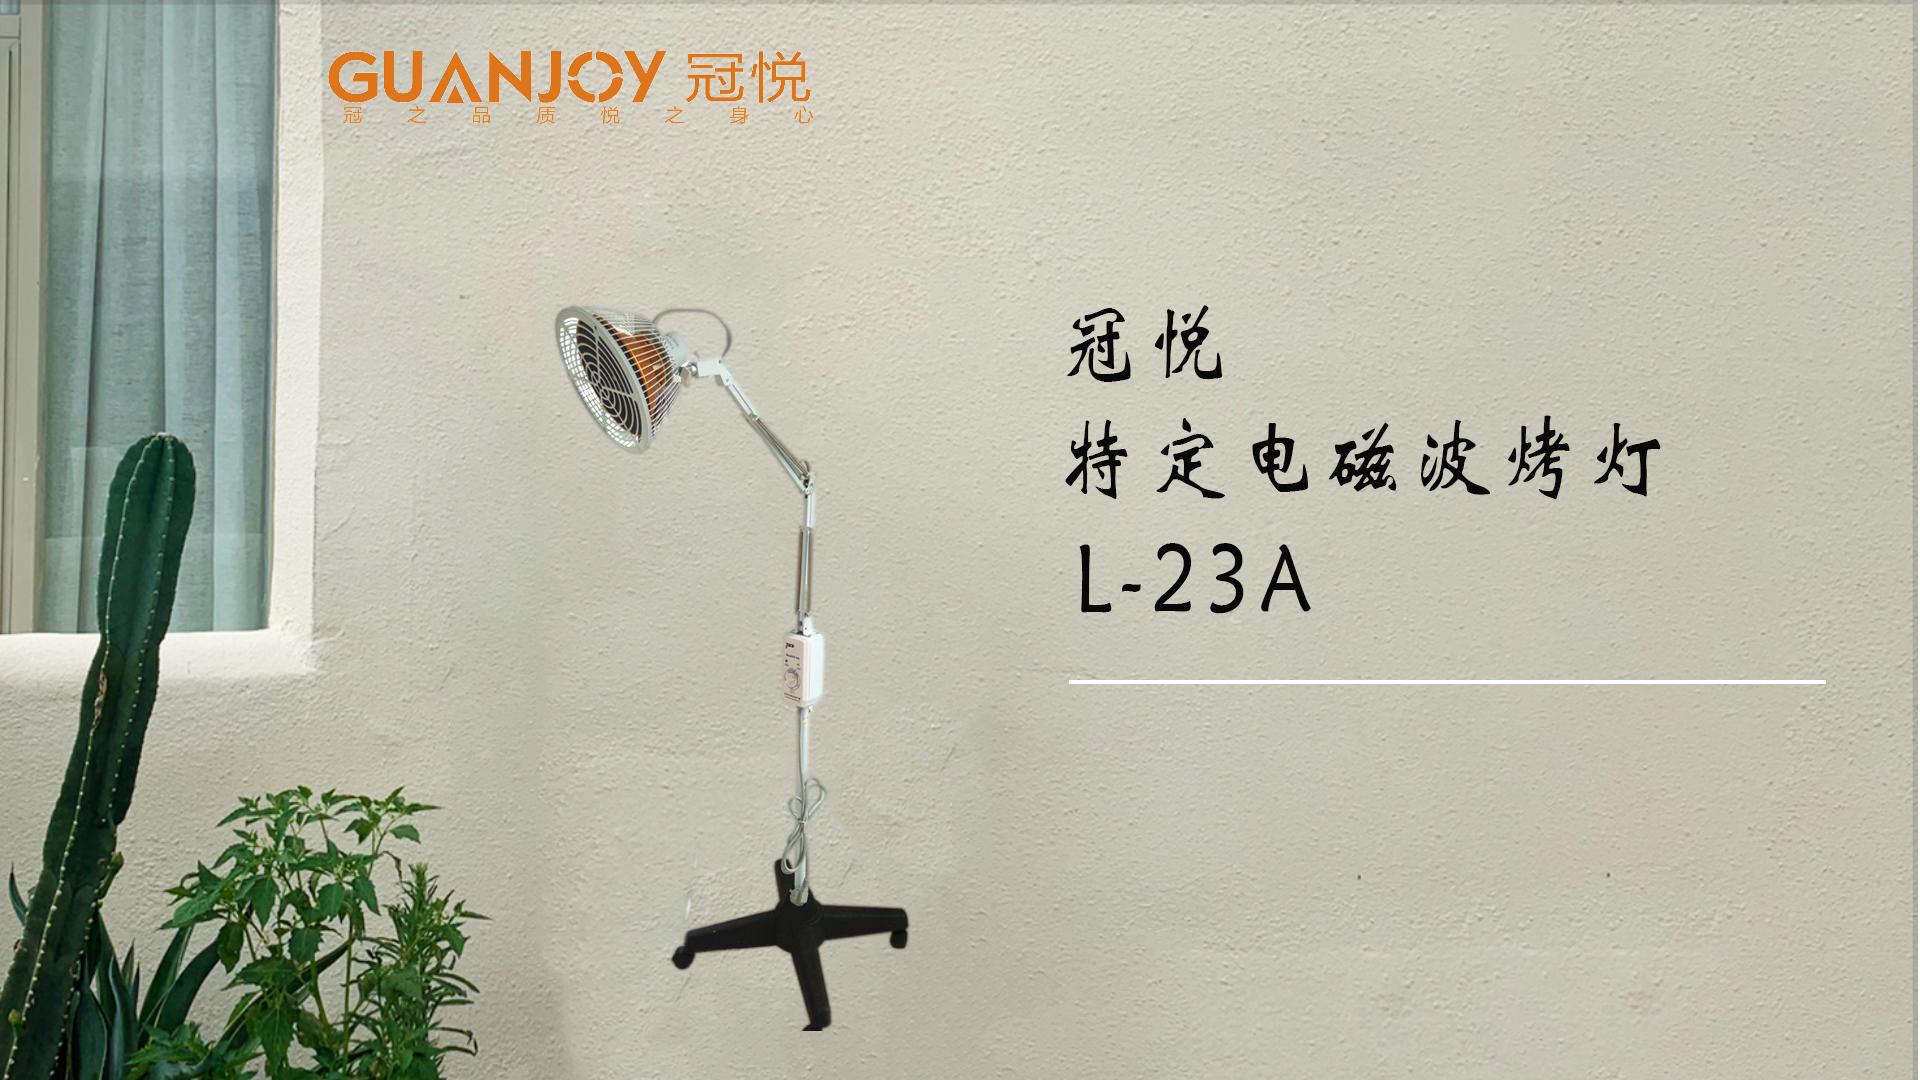 乐动体育官方网站特定电磁波治疗器L-23A立式大头如何使用?